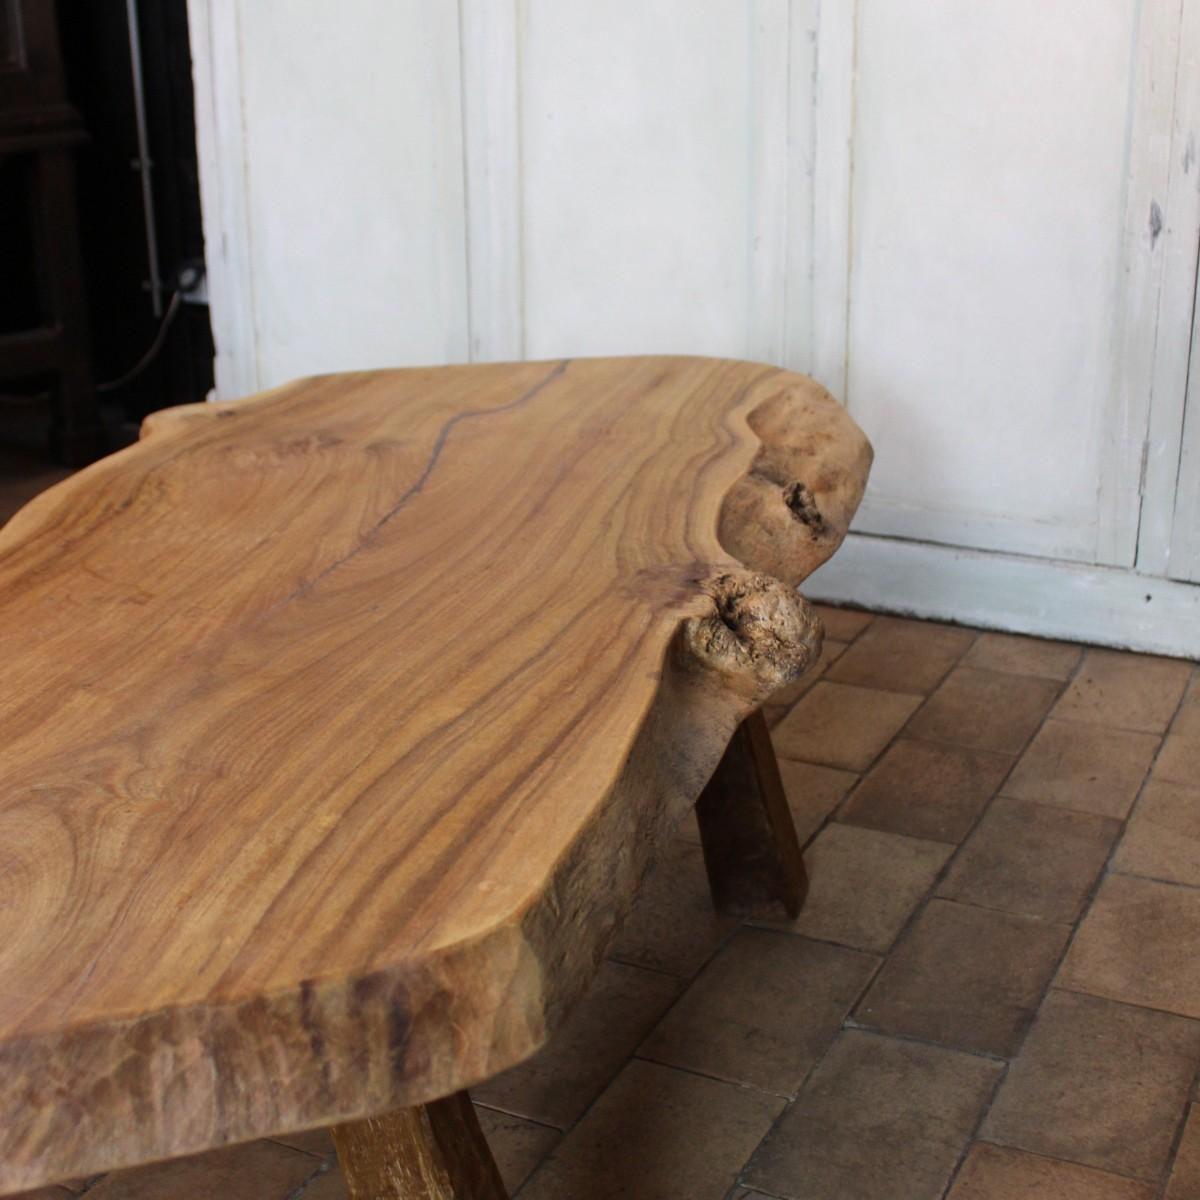 grande table basse tronc d arbre